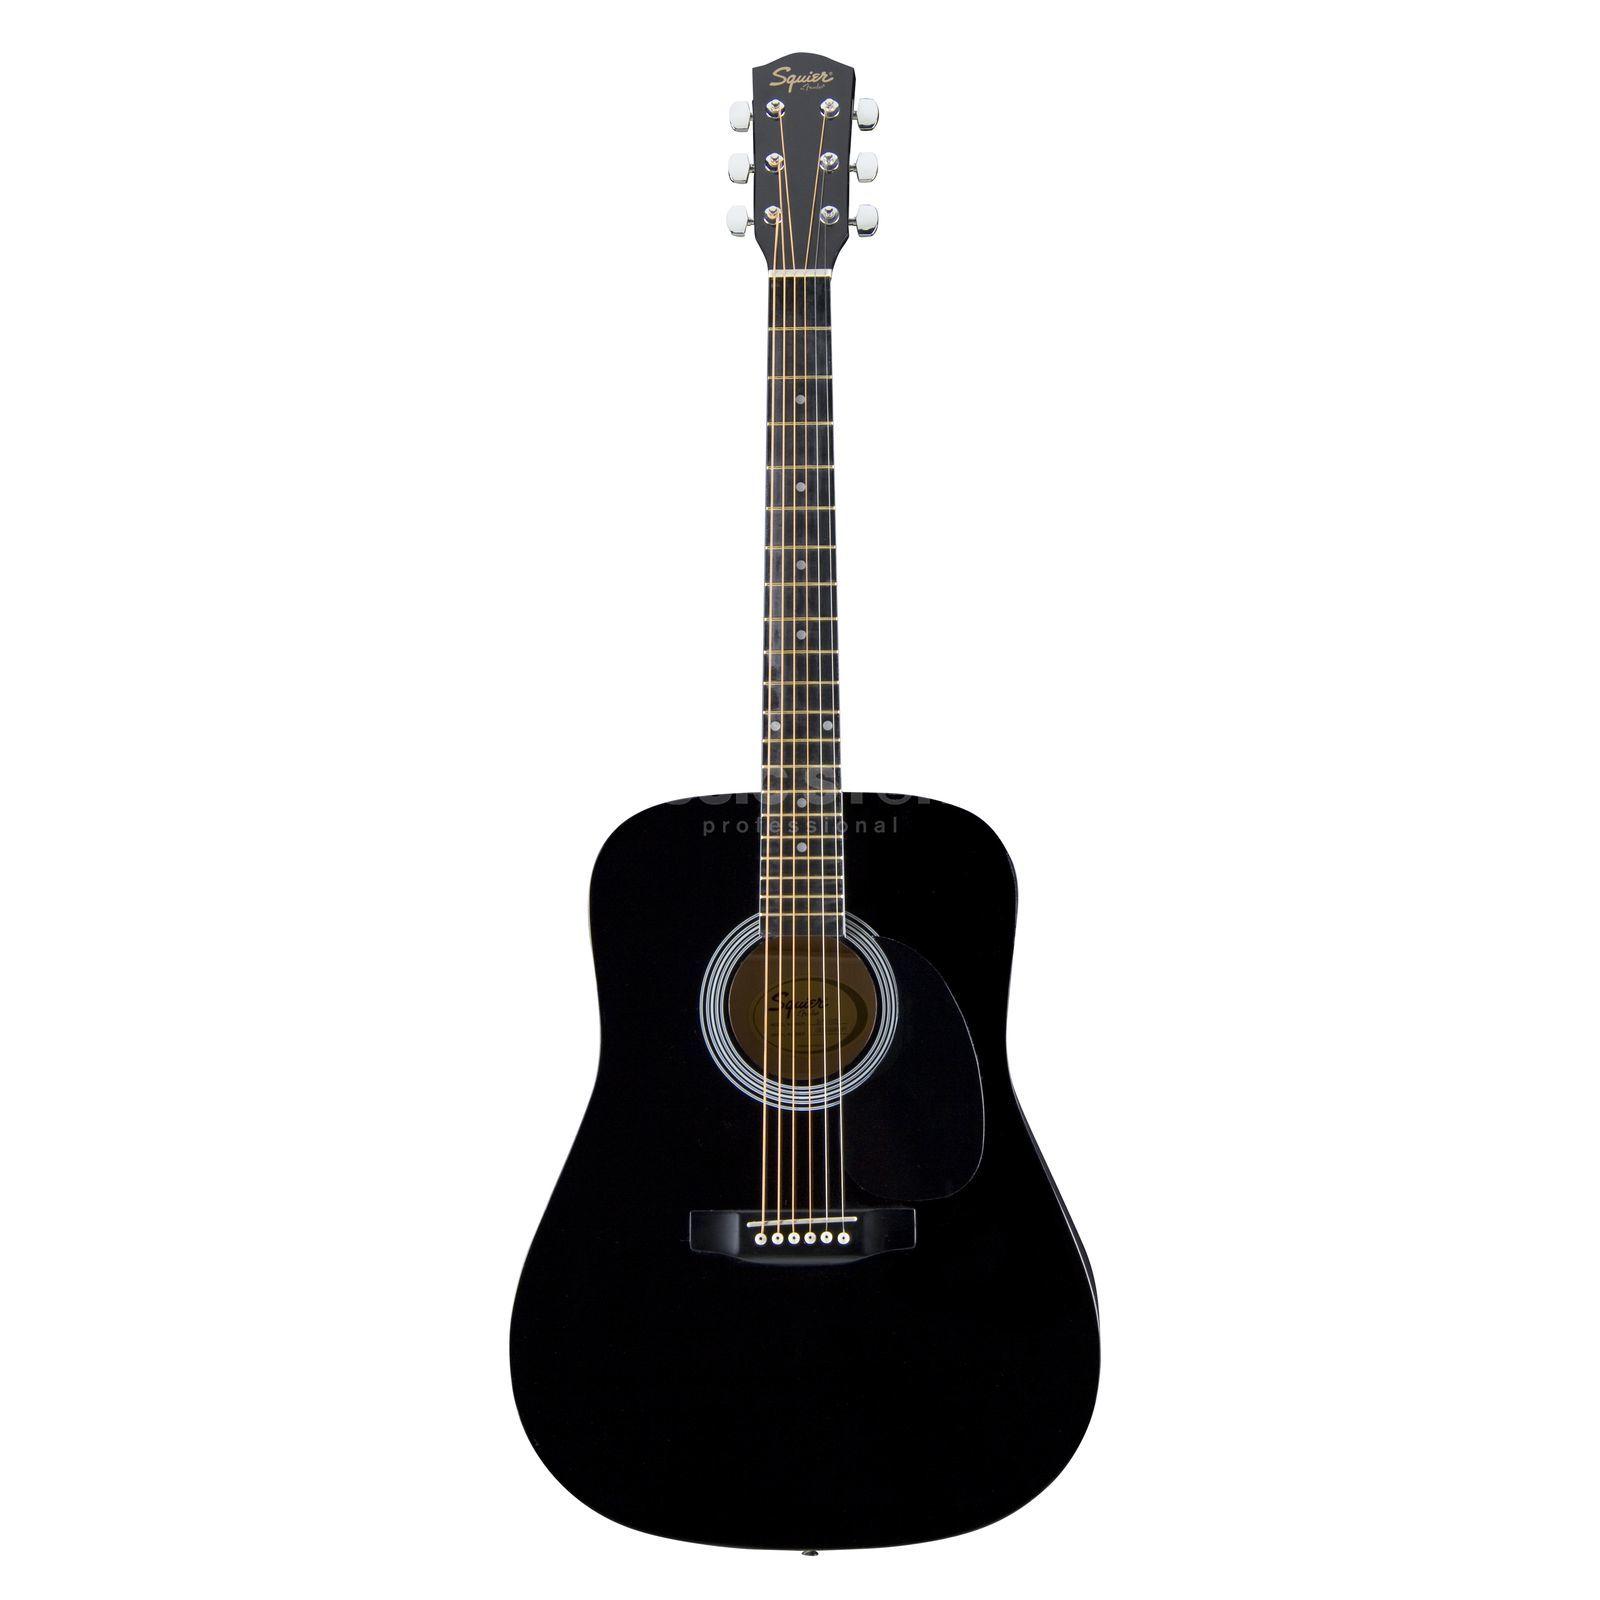 fender squier sa105 acoustic guitar black dv247. Black Bedroom Furniture Sets. Home Design Ideas